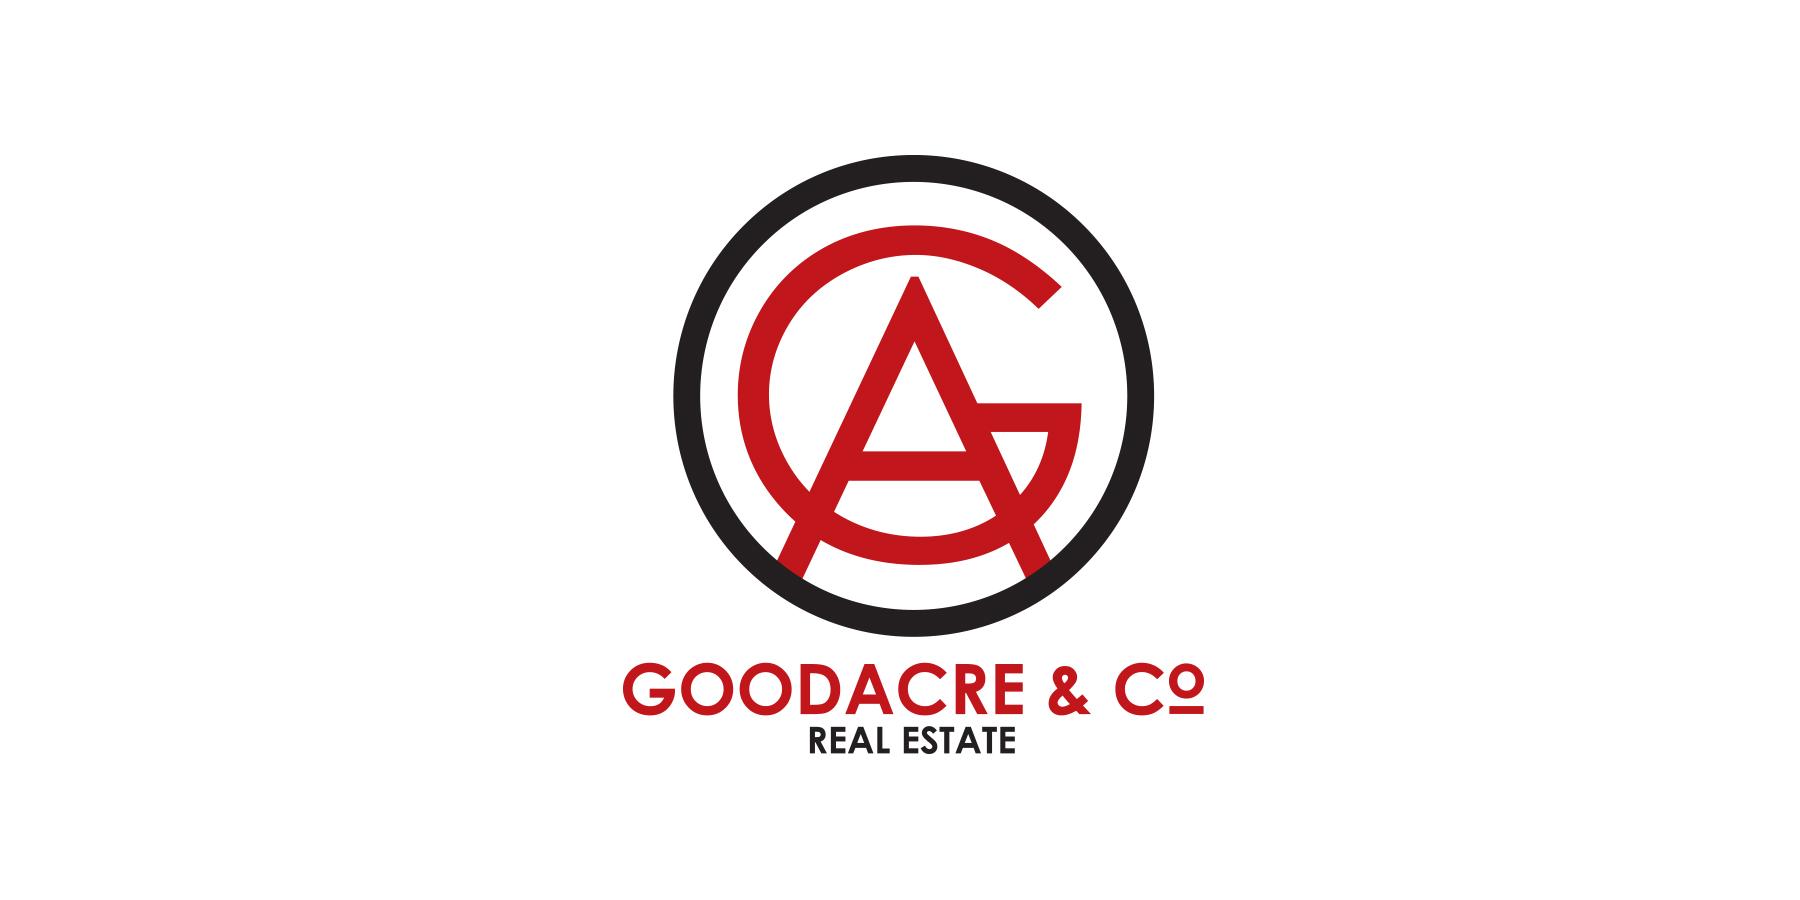 Goodachre_6x4_Logo_A.jpg